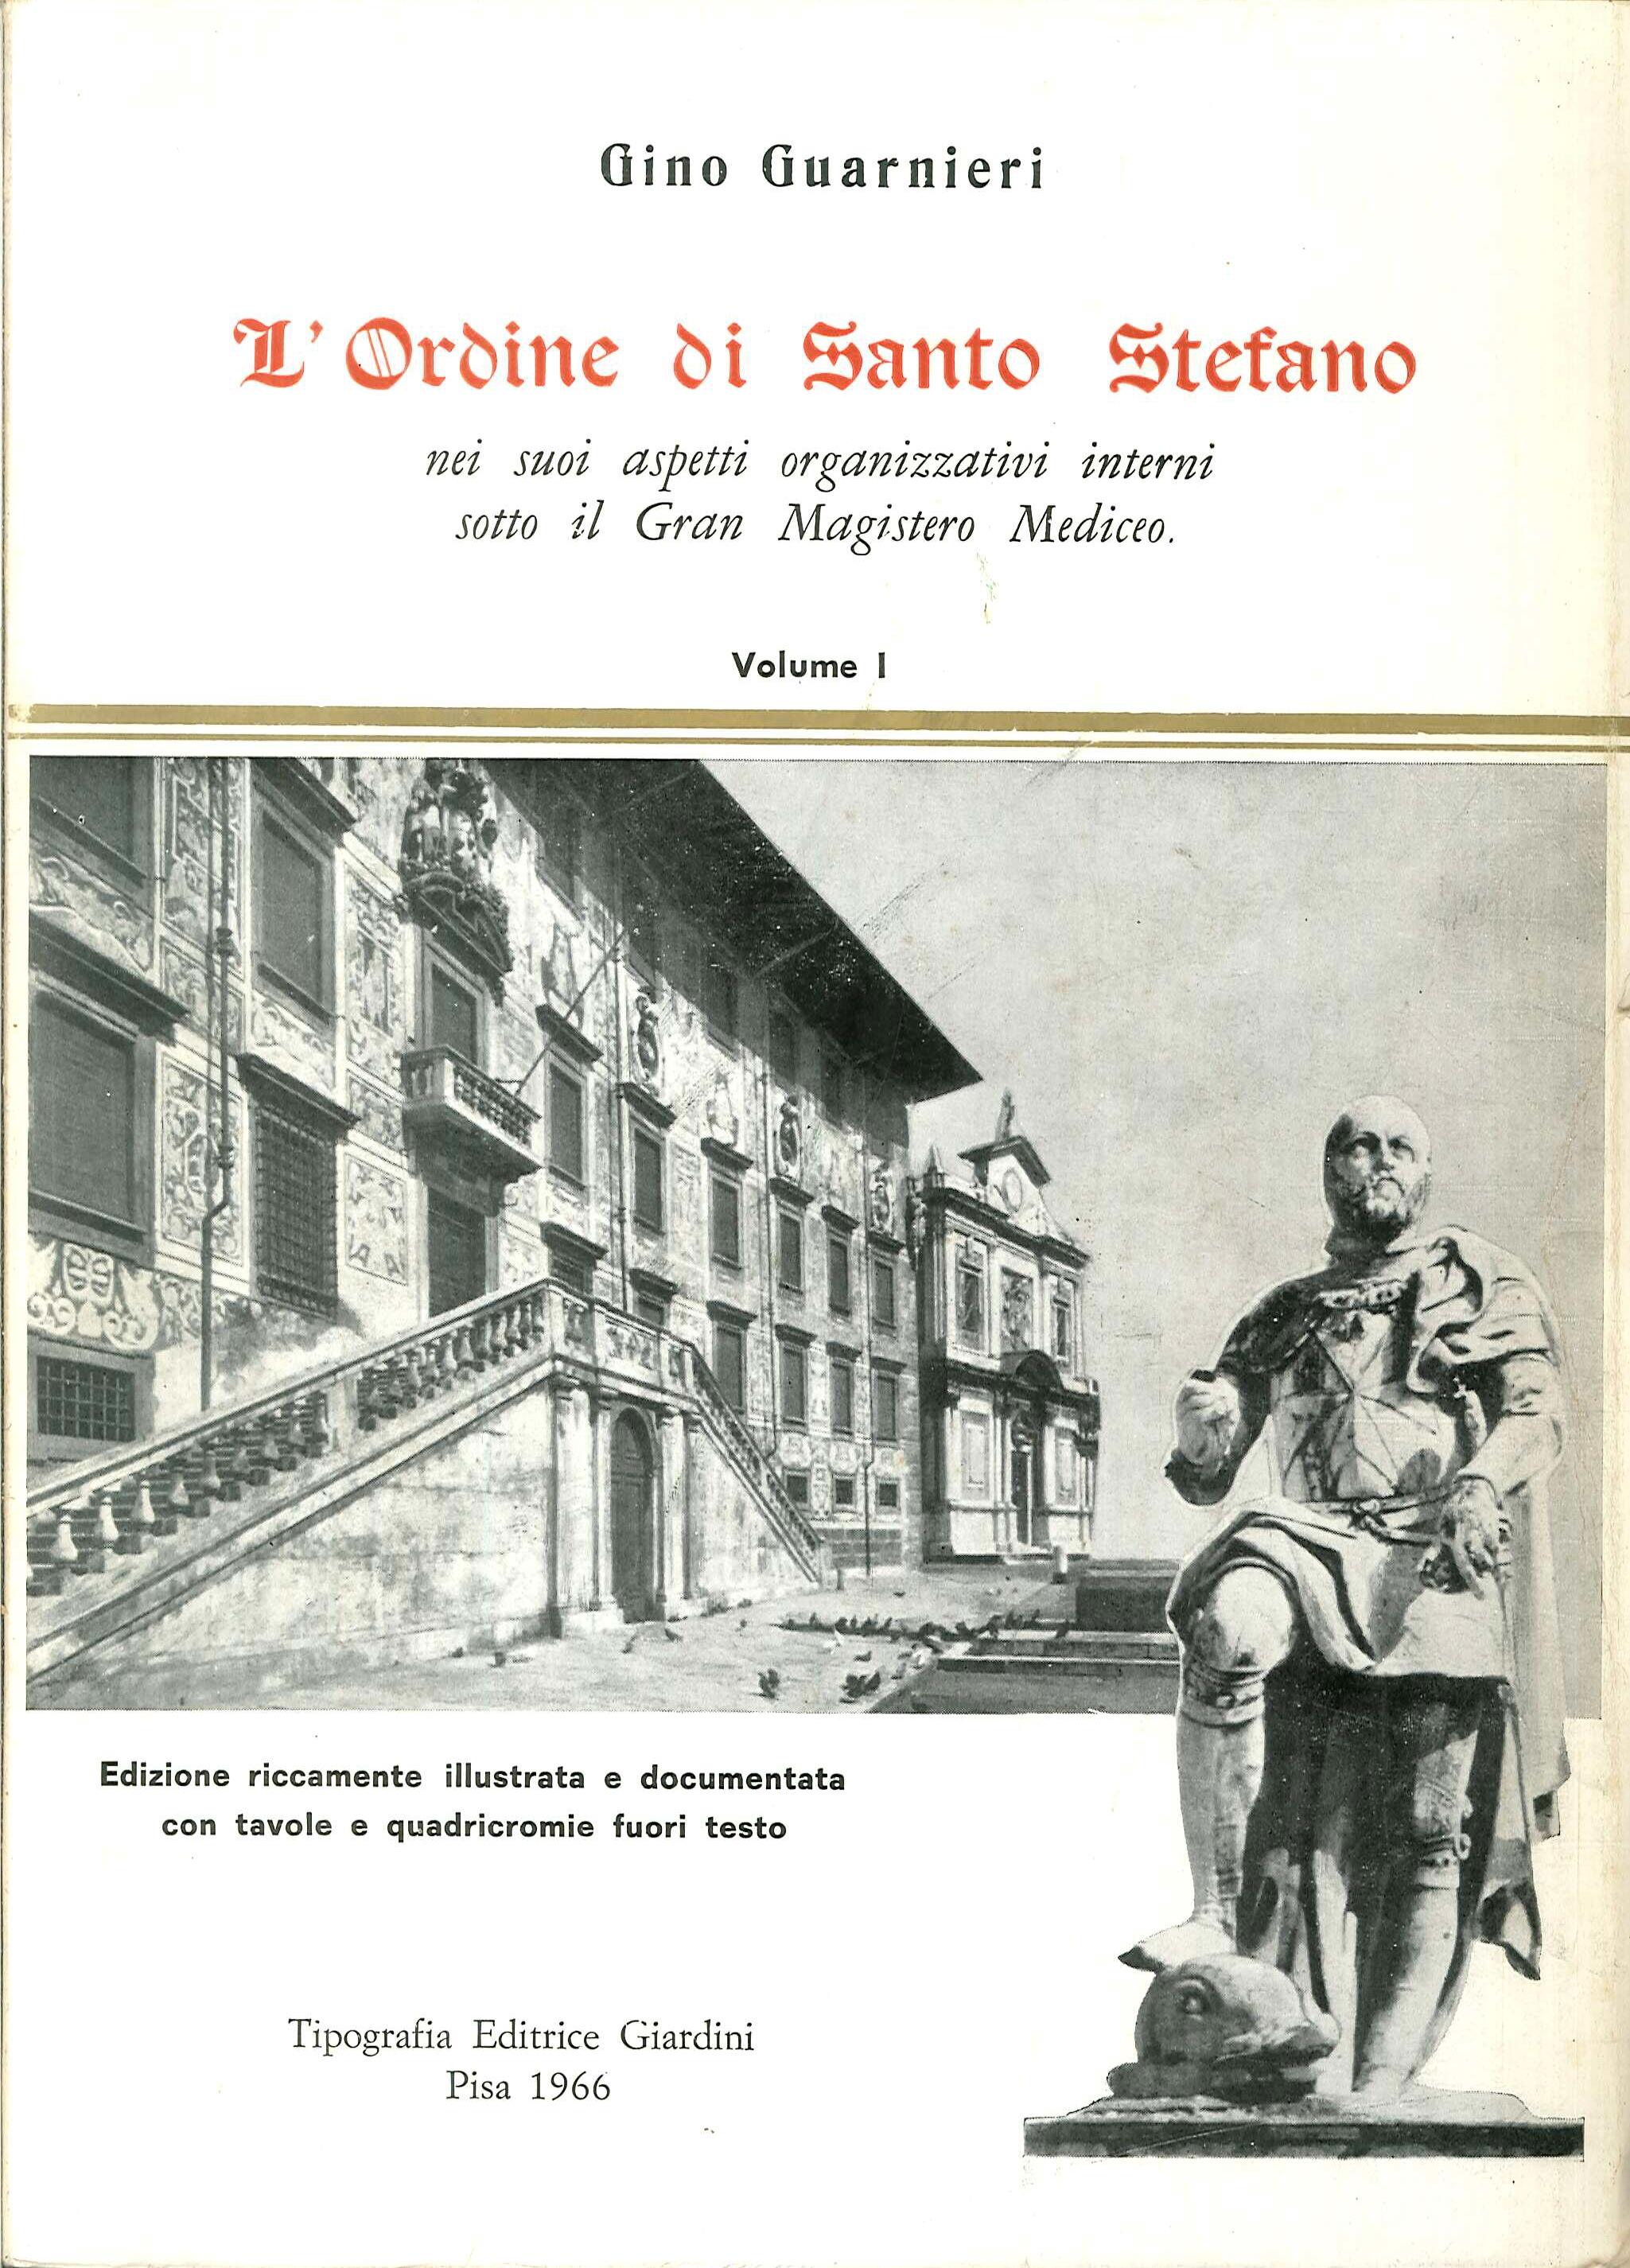 L'Ordine di Santo Stefano nei suoi aspetti organizzativi interni sotto il Gran Magistero Mediceo. Volume I